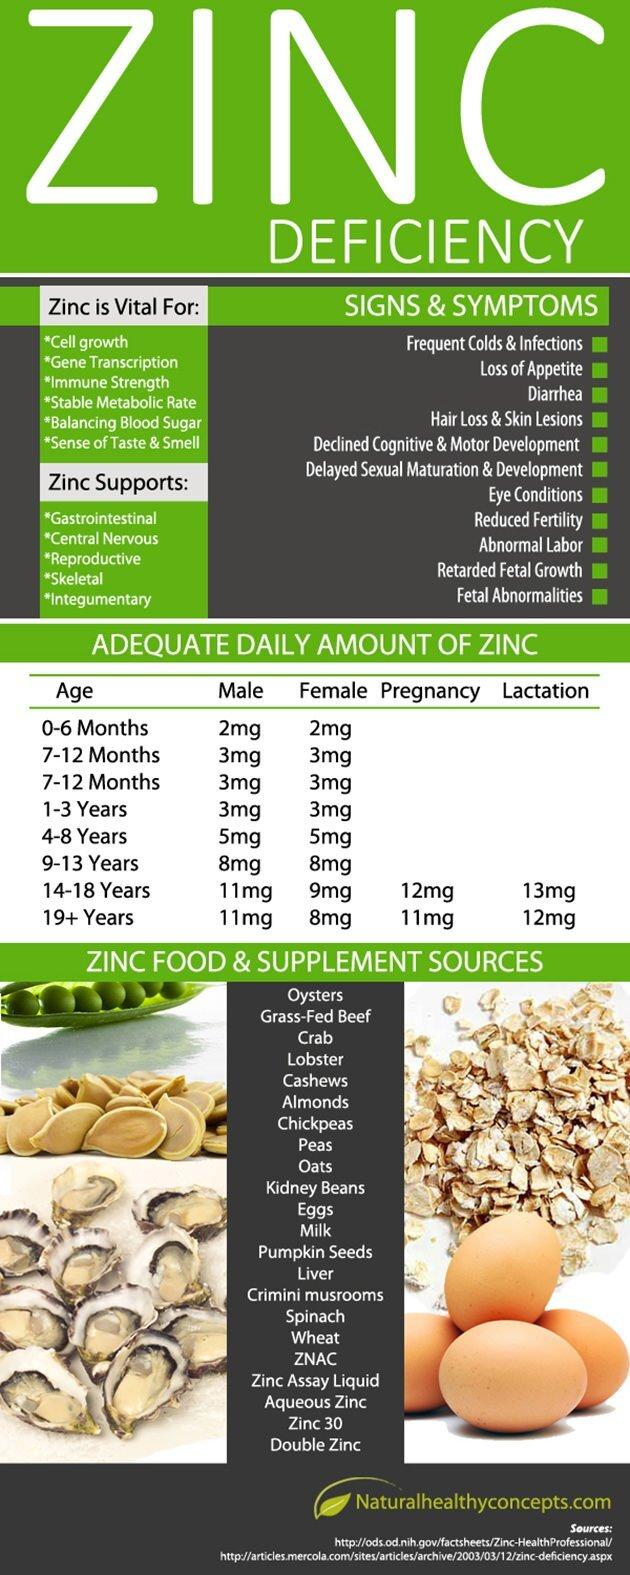 Zinc Deficiency Infographic